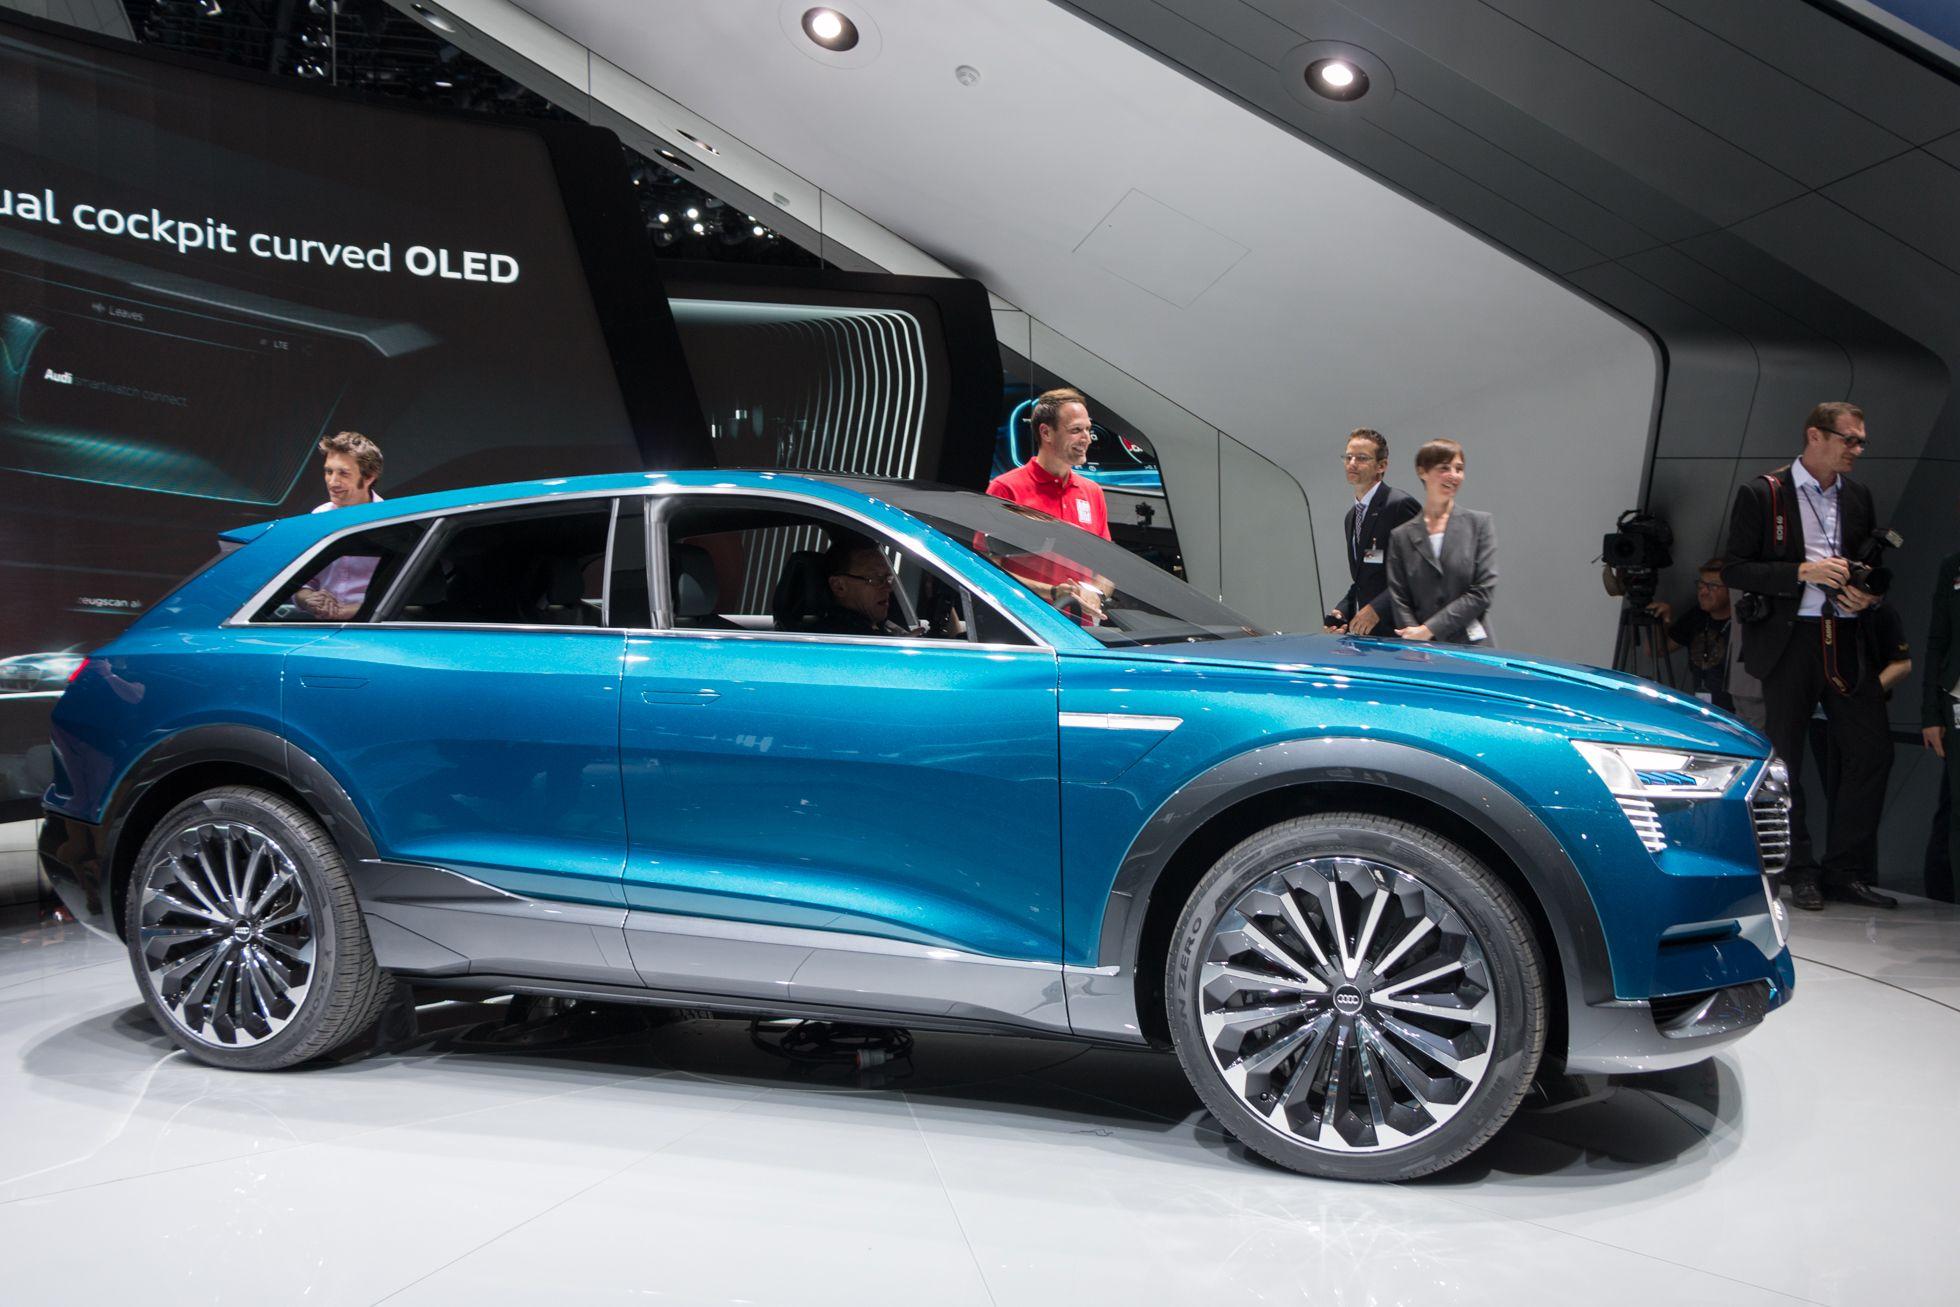 E-Tron Quattro Concept: Audi nennt Details zum neuen Virtual Cockpit - Es ist ein Elektro-SUV mit Allradantrieb. (Foto: Werner Pluta/Golem.de)